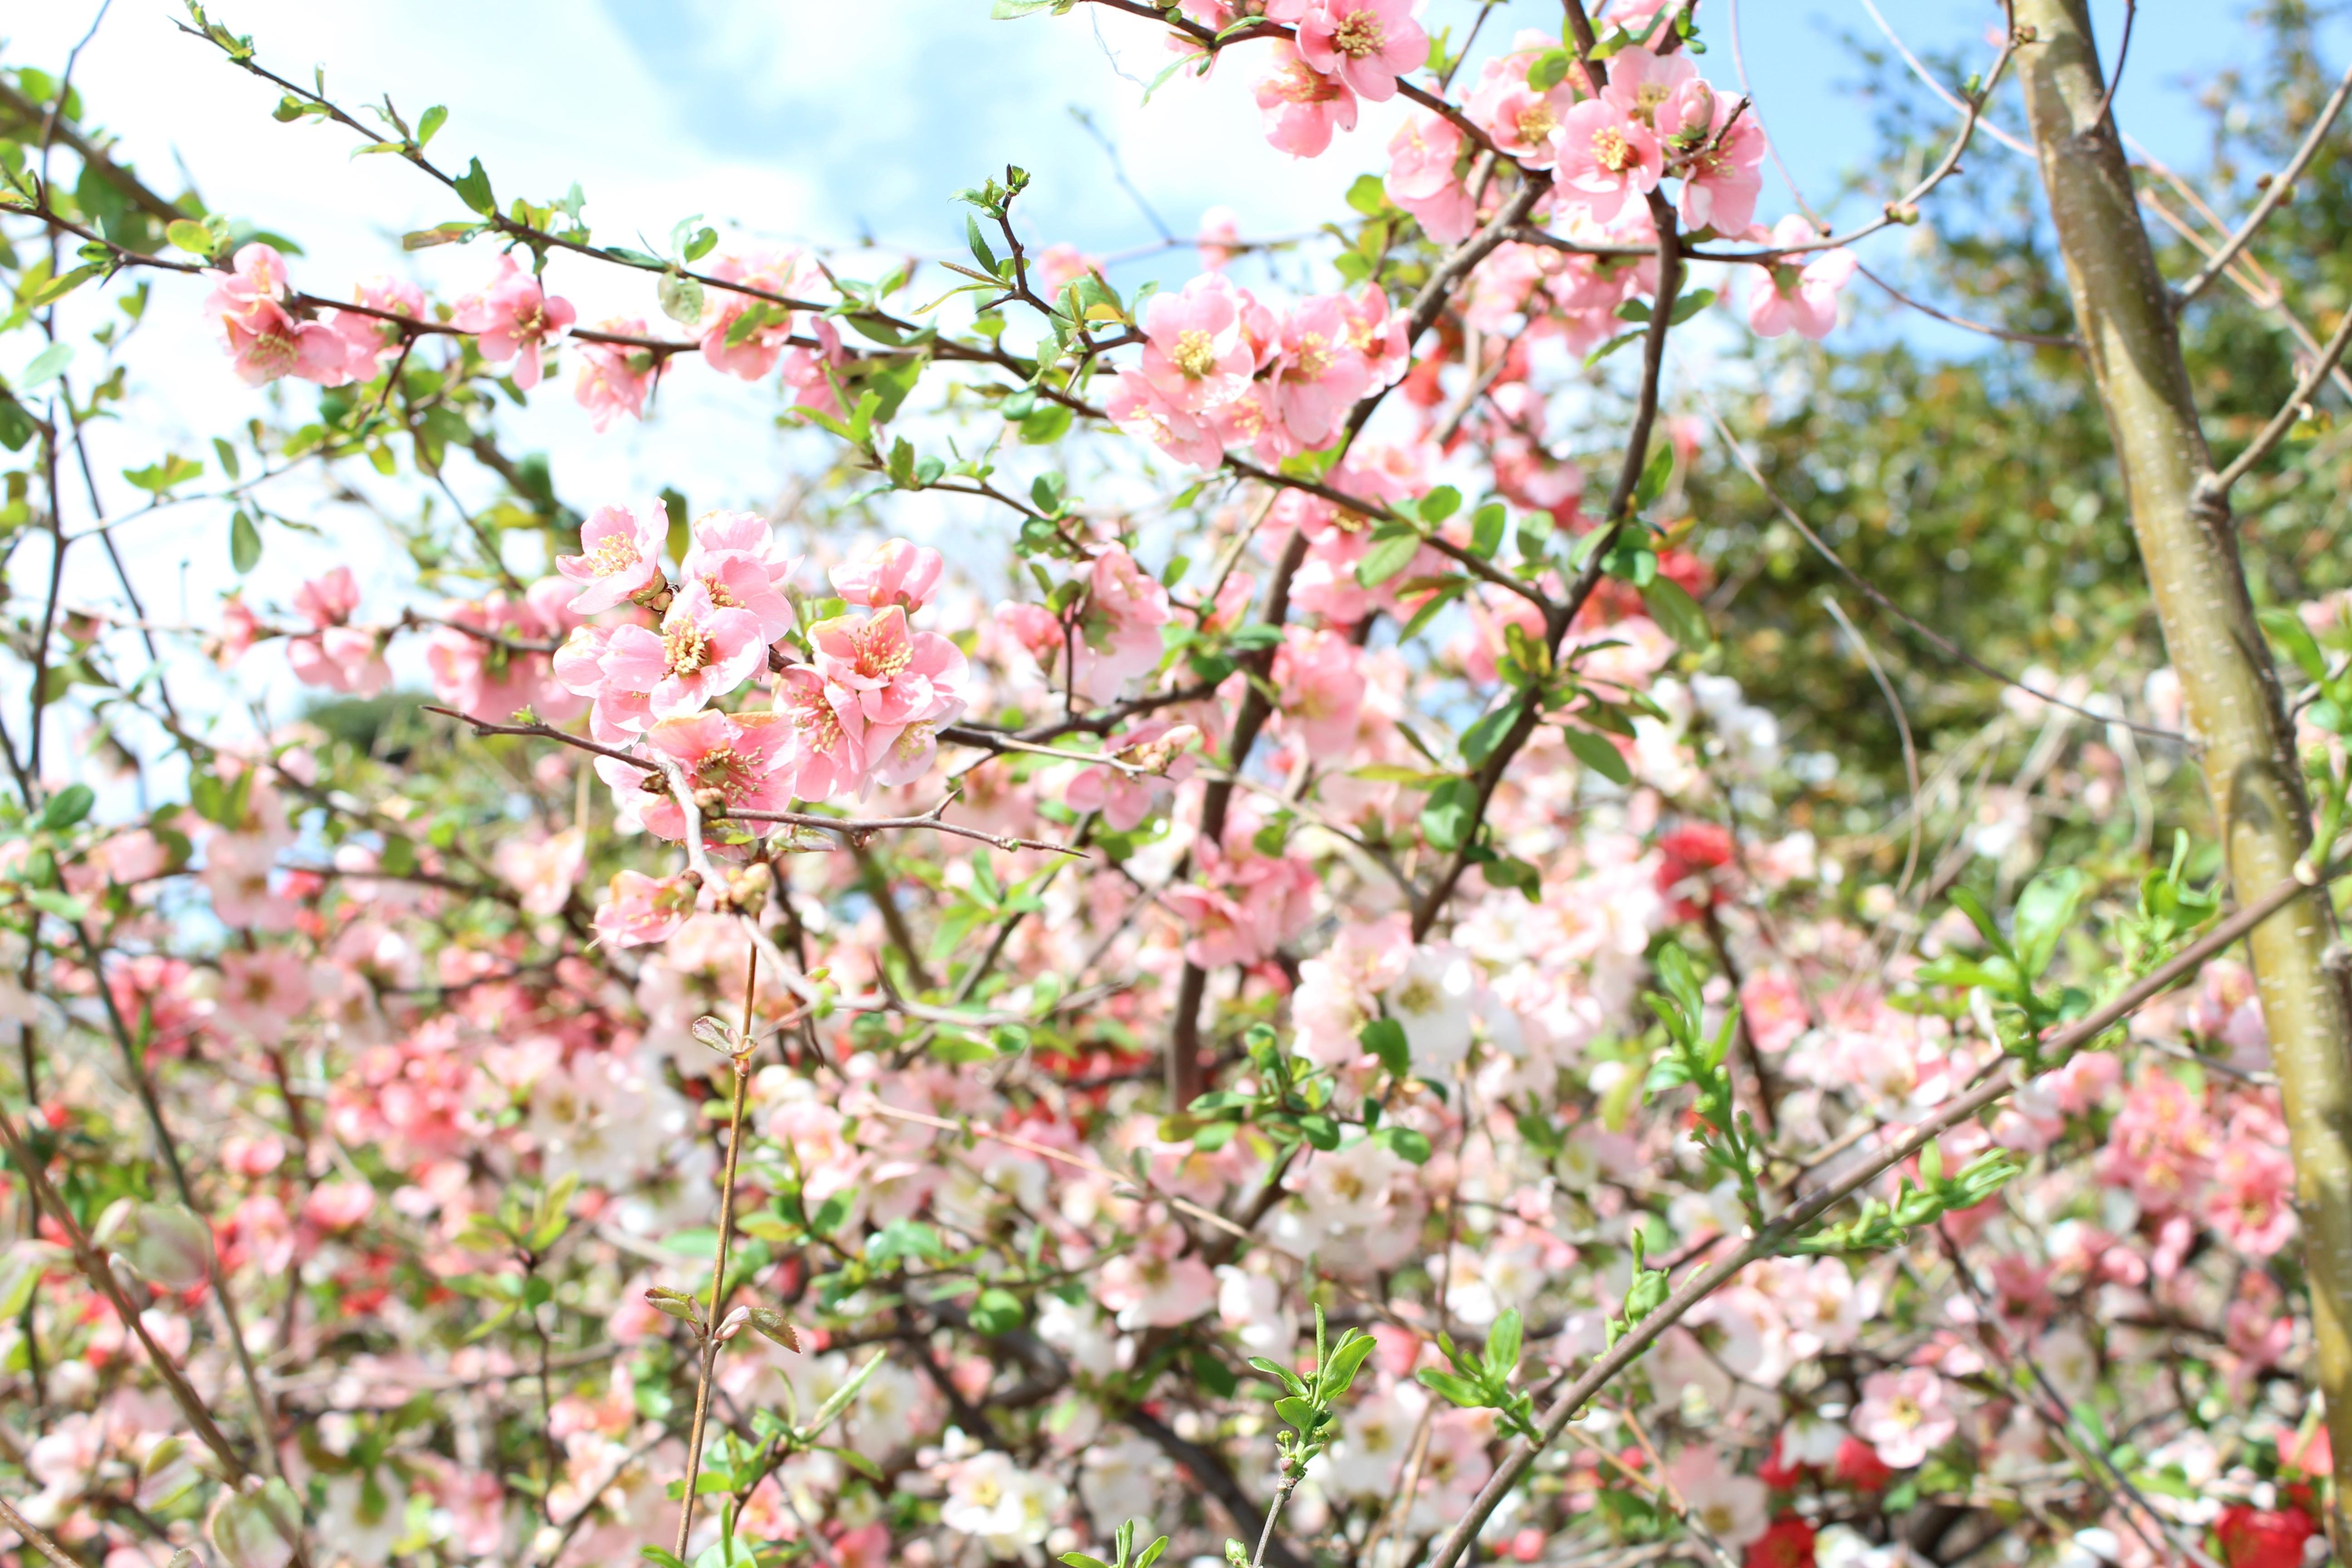 満開の木瓜(ぼけ)も、春の楽しみのひとつですね。